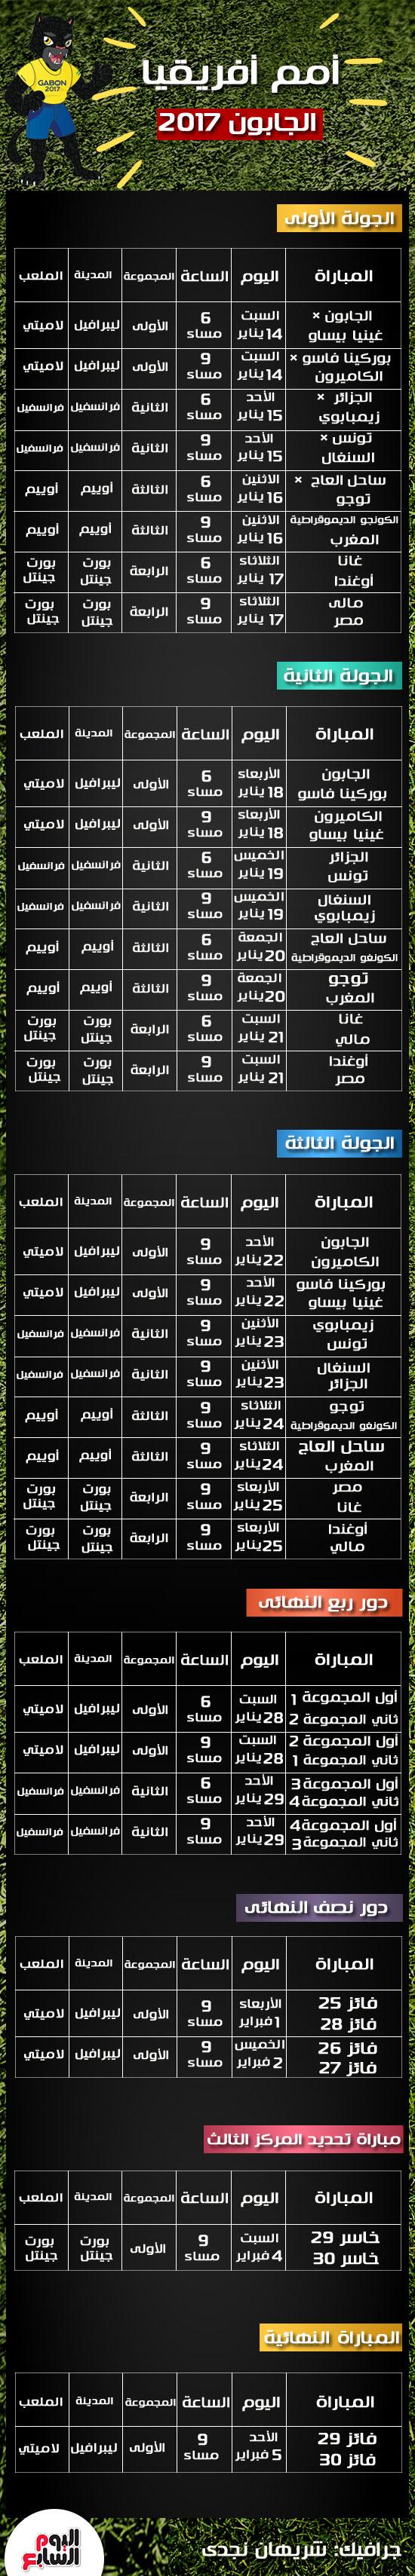 جدول ترتيب كأس الأمم الأفريقية 2017 و نتائج الجولة الثانية والمنتخبات العربية 1 22/1/2017 - 9:30 ص